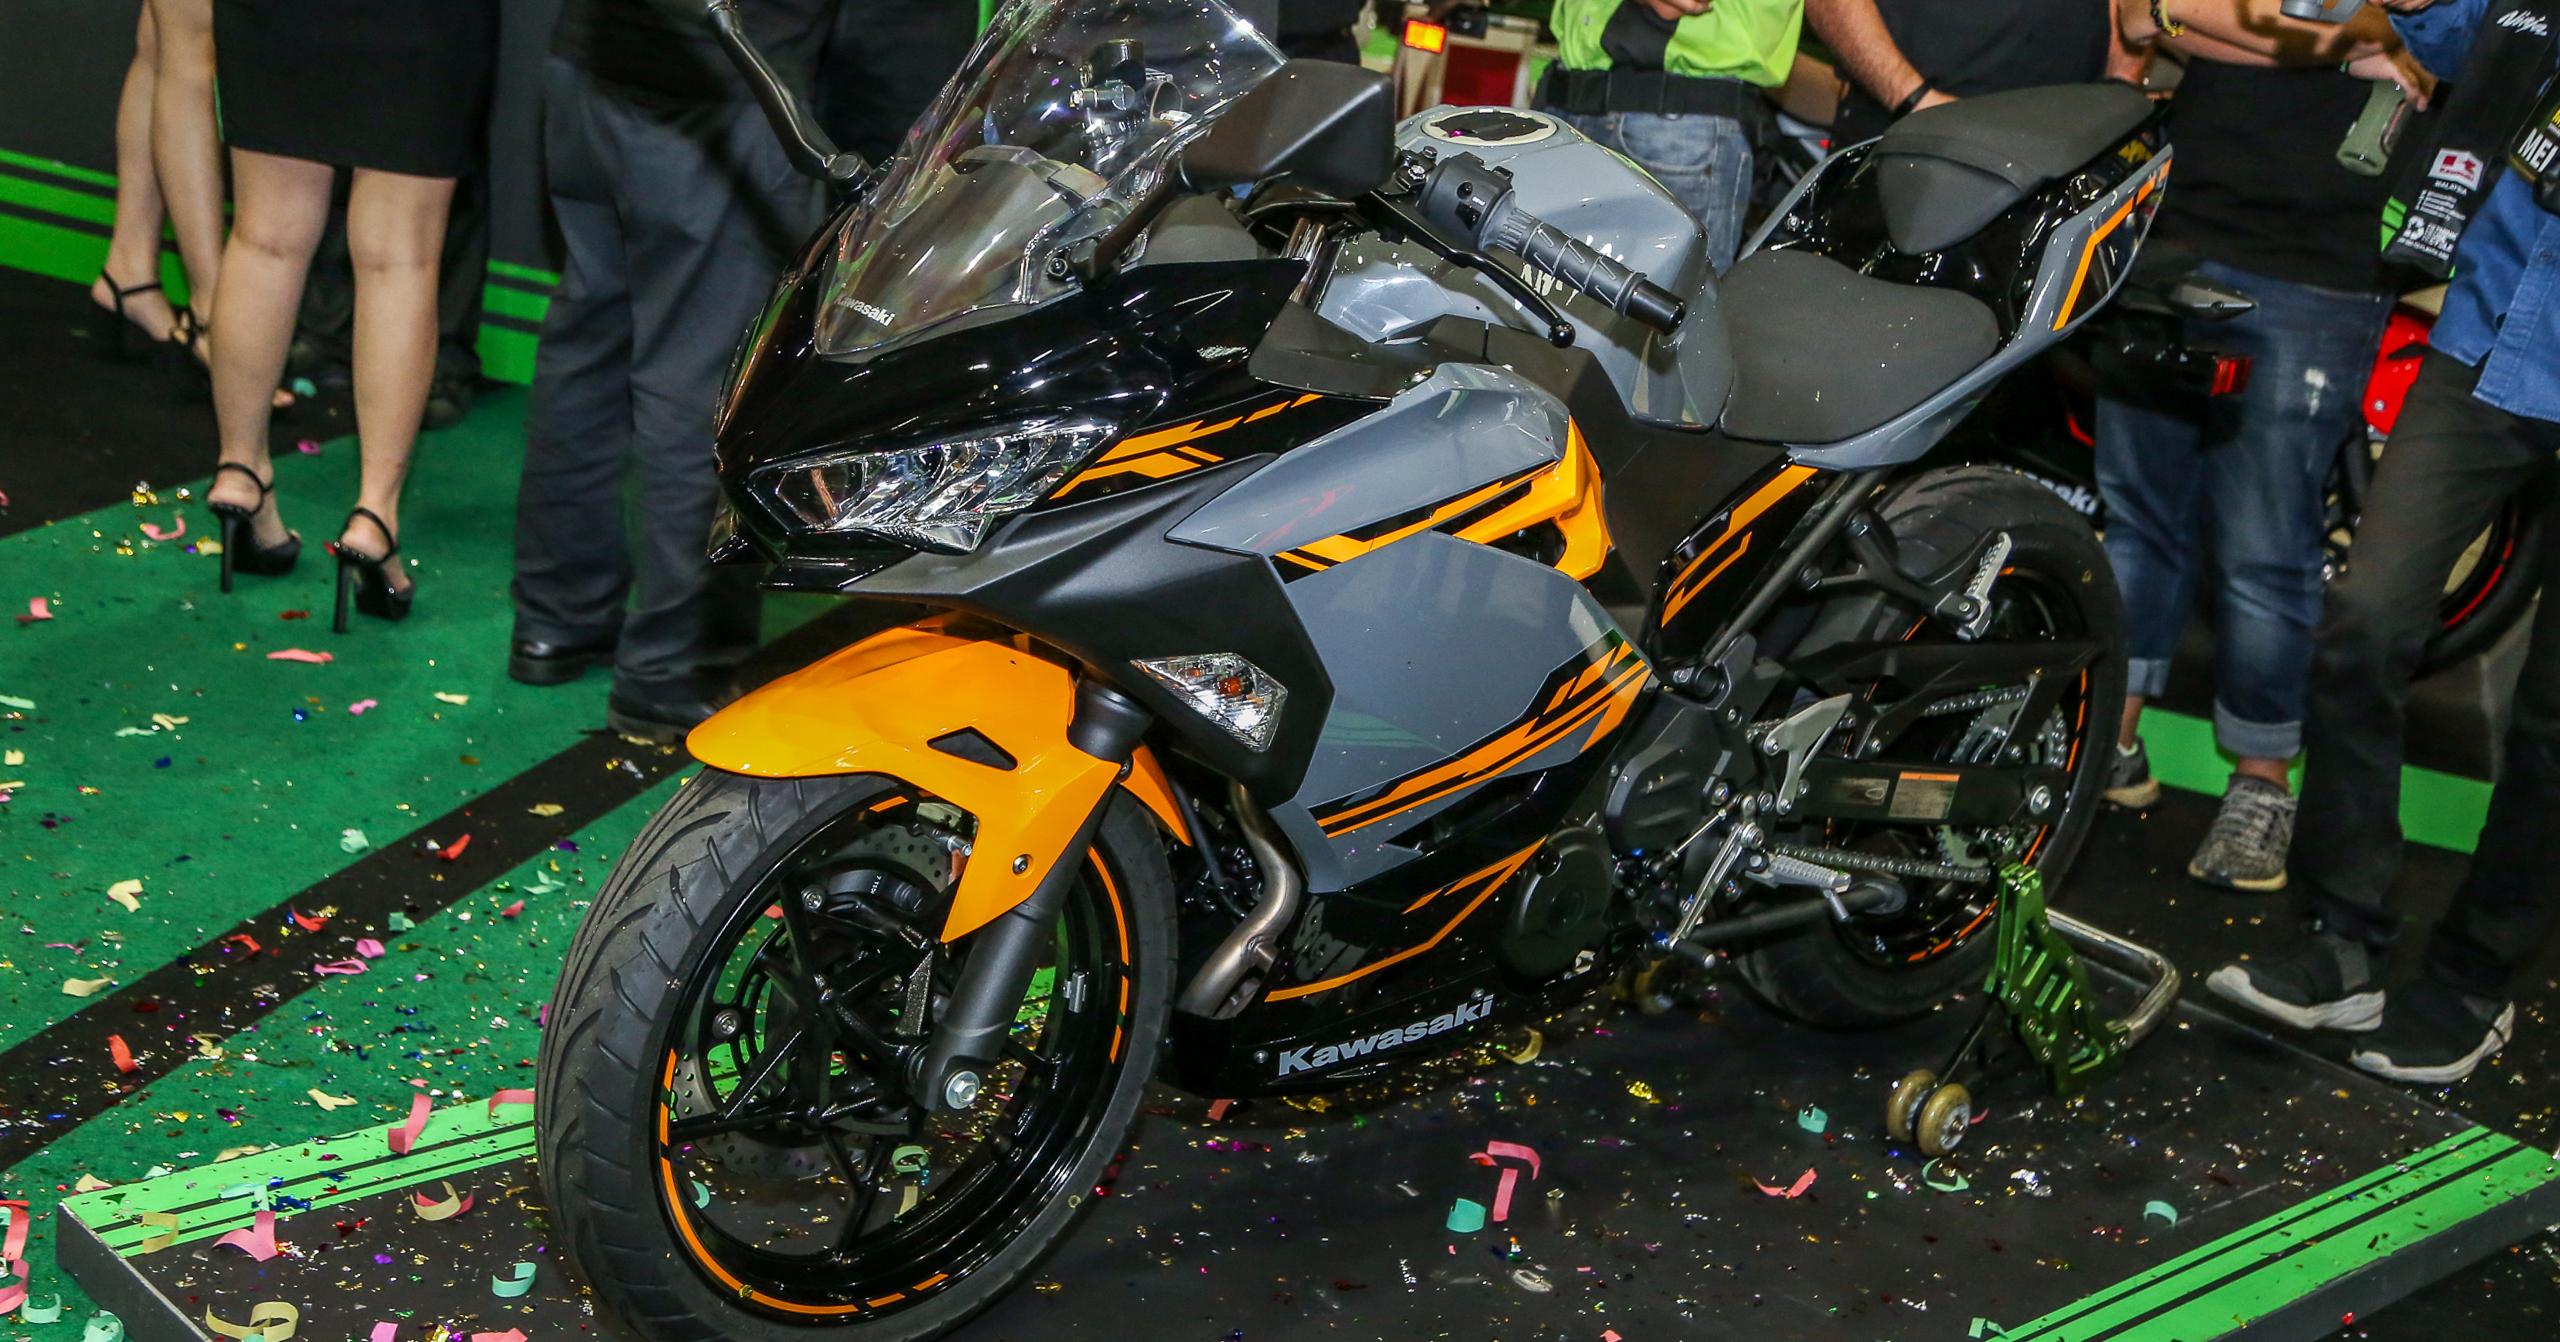 2018 Kawasaki Ninja 250 in Malaysia - RM 23,071